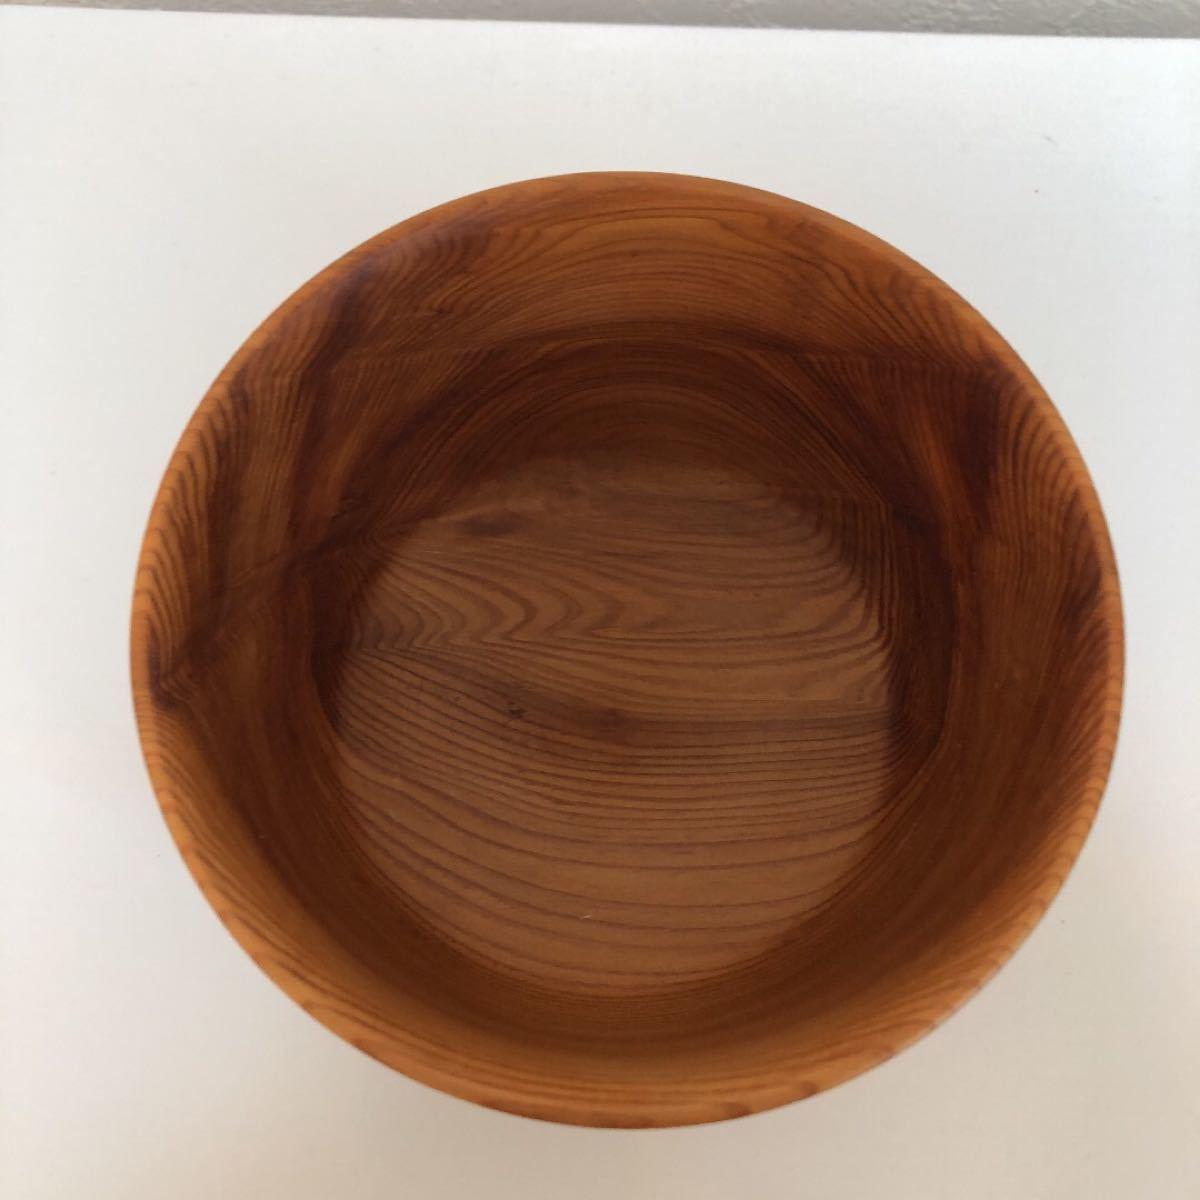 芝実作 屋久杉抹茶茶碗